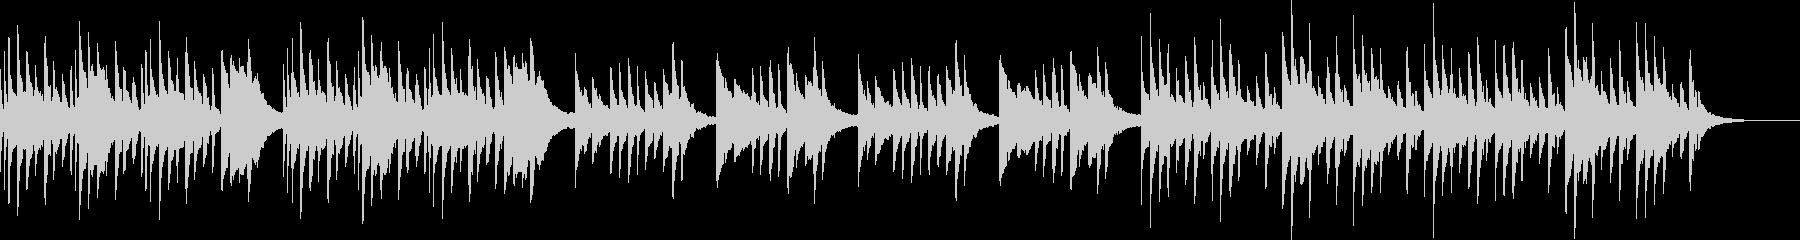 ゆったりとしたシンプルなピアノソロの未再生の波形